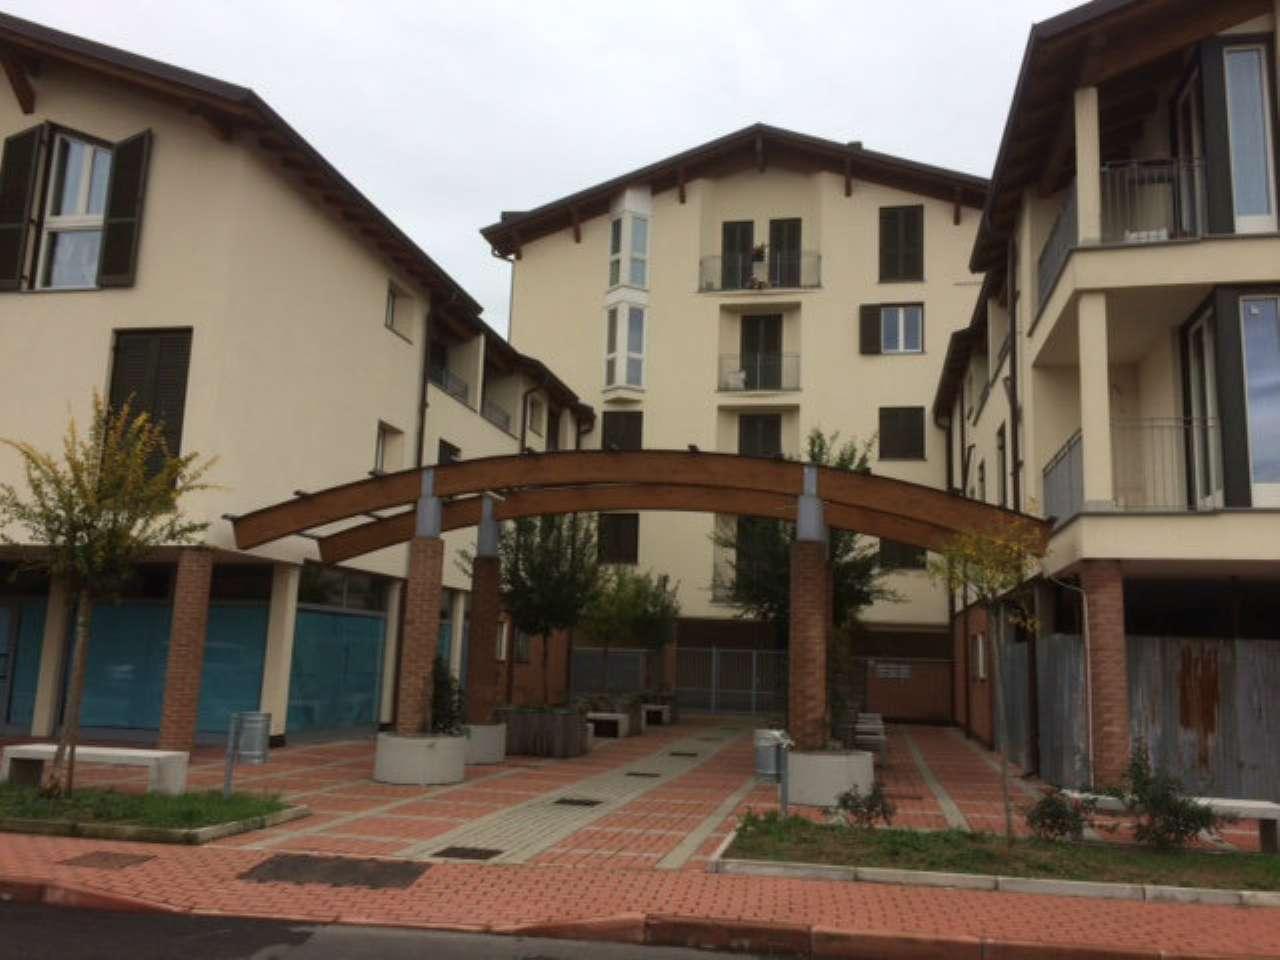 Appartamento in vendita a Caronno Pertusella, 2 locali, prezzo € 150.000 | CambioCasa.it